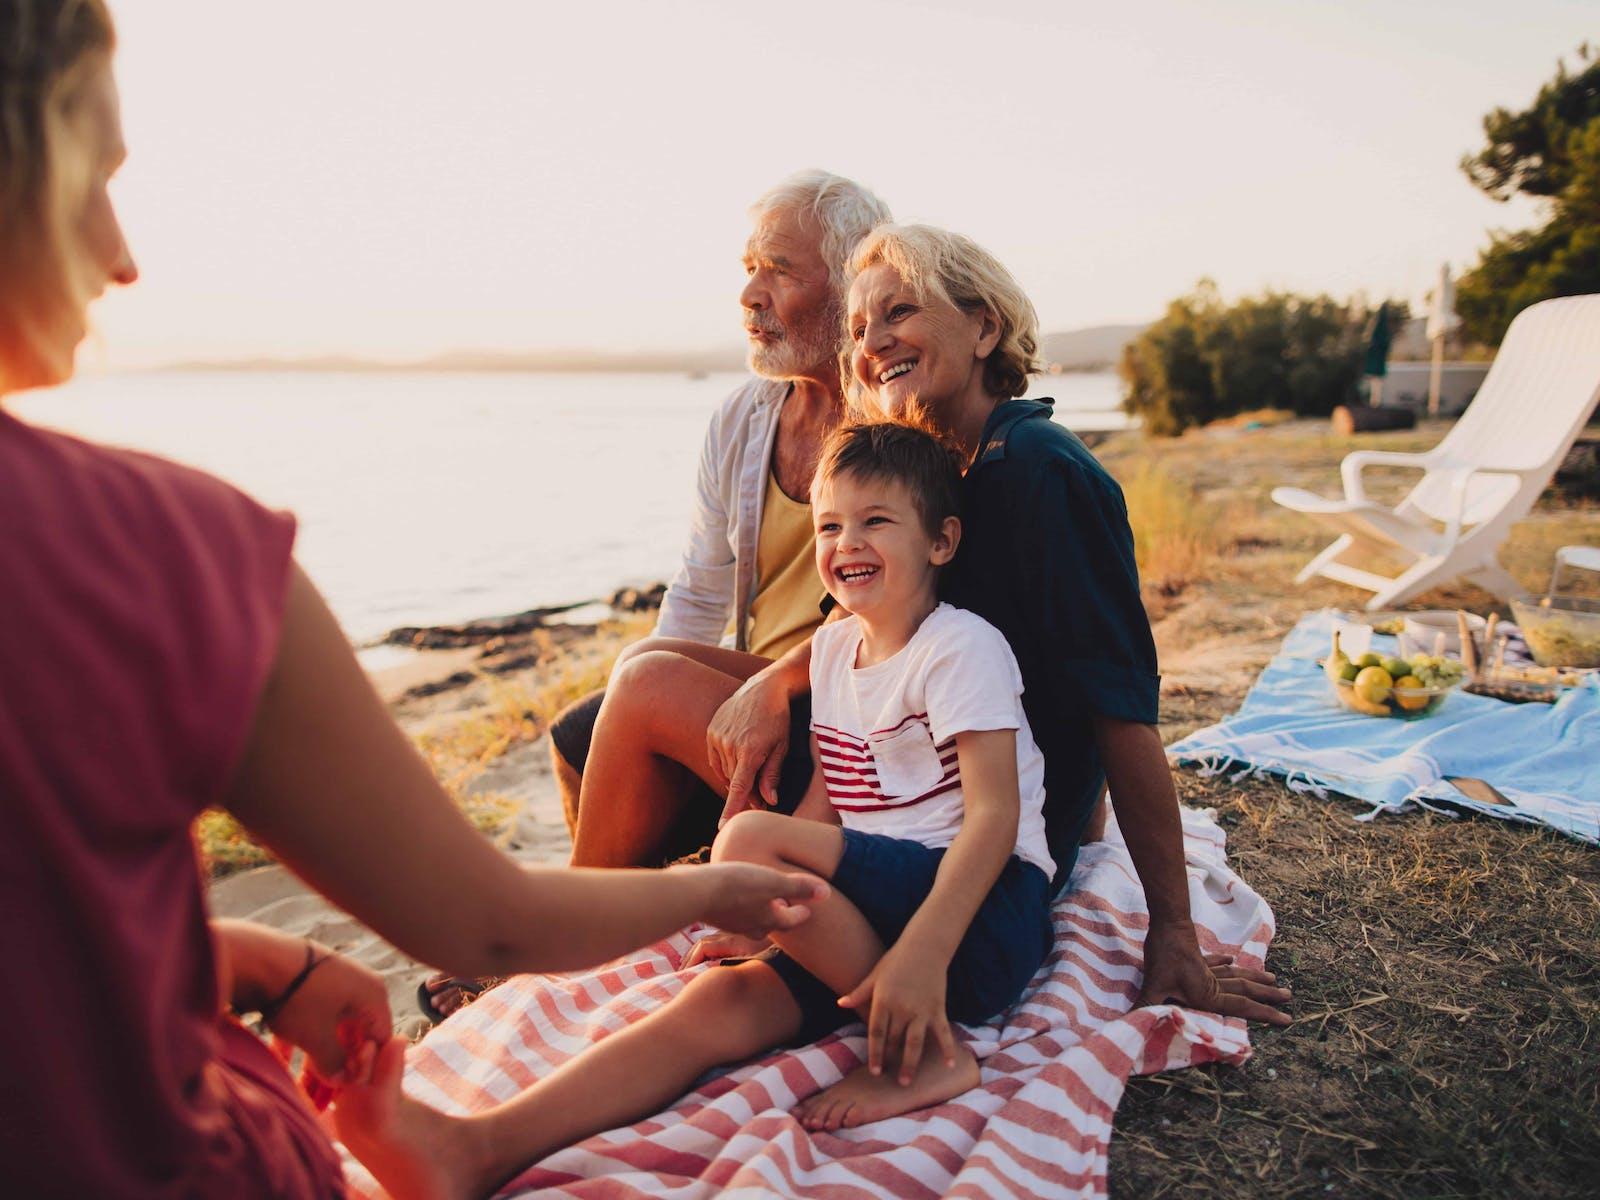 a family having a picnic at the lake